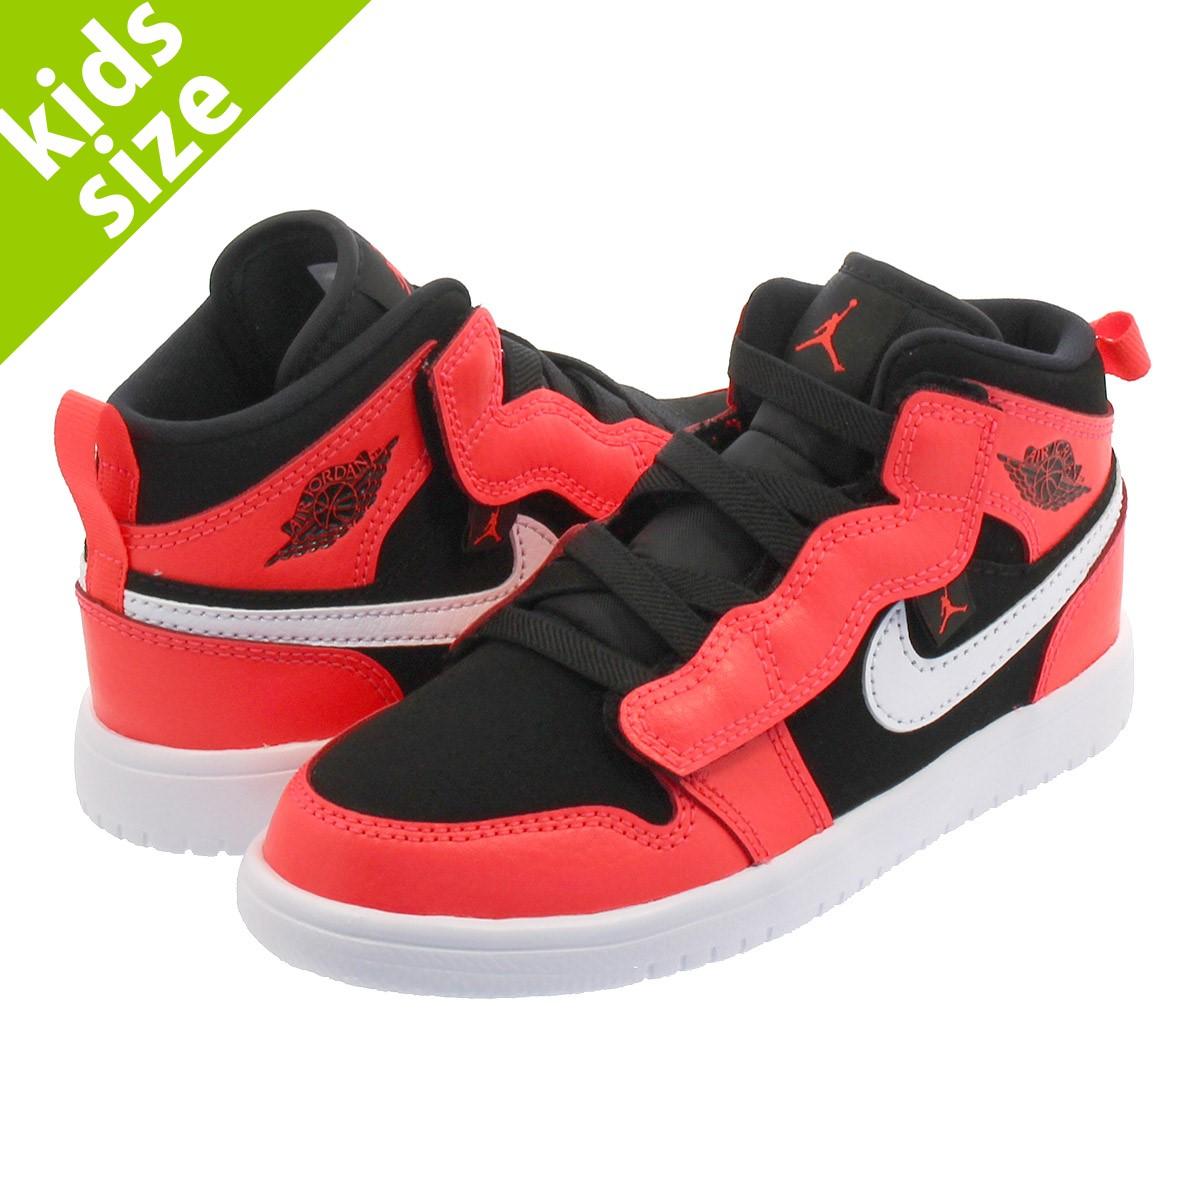 low priced 433da 6ea48 NIKE AIR JORDAN 1 MID ALT PS Nike Air Jordan 1 mid ALT PS BLACK  ...